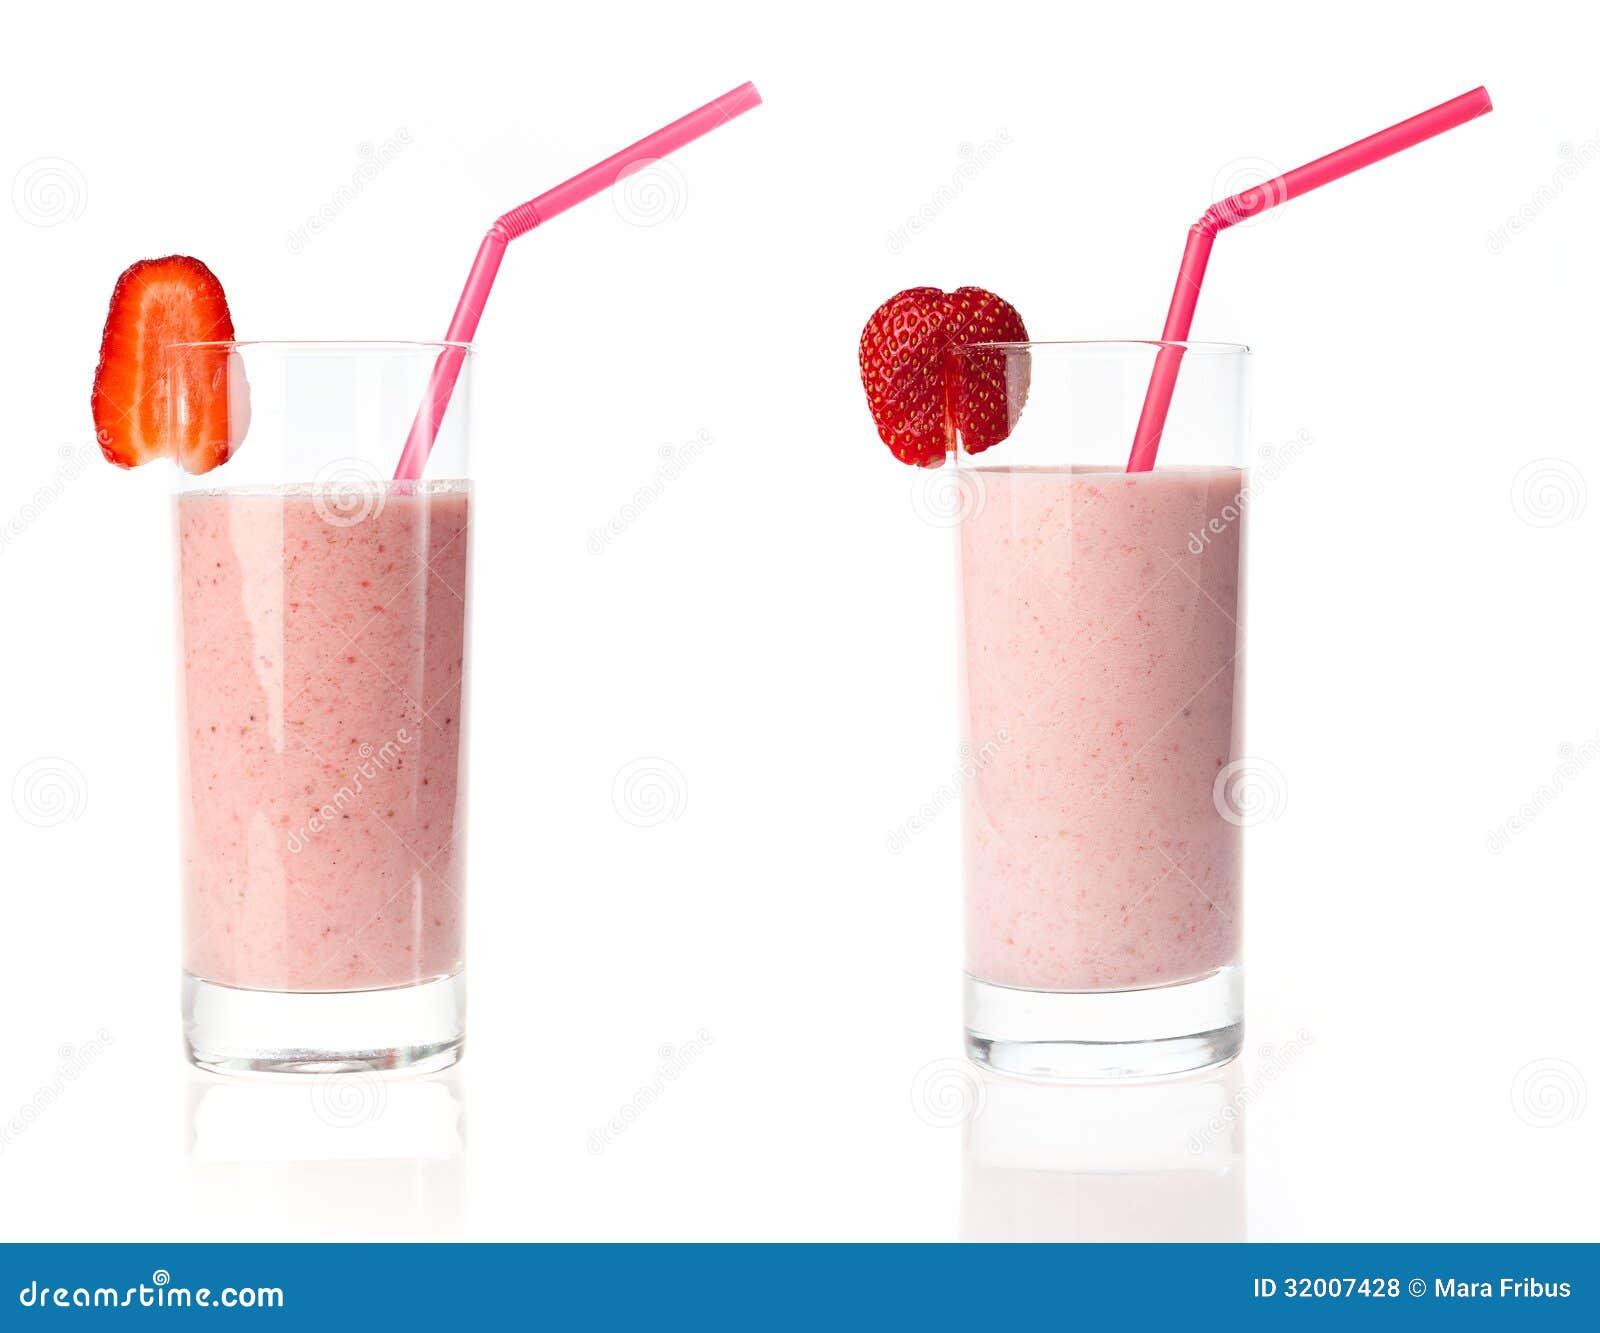 Strawberry milkshake variations